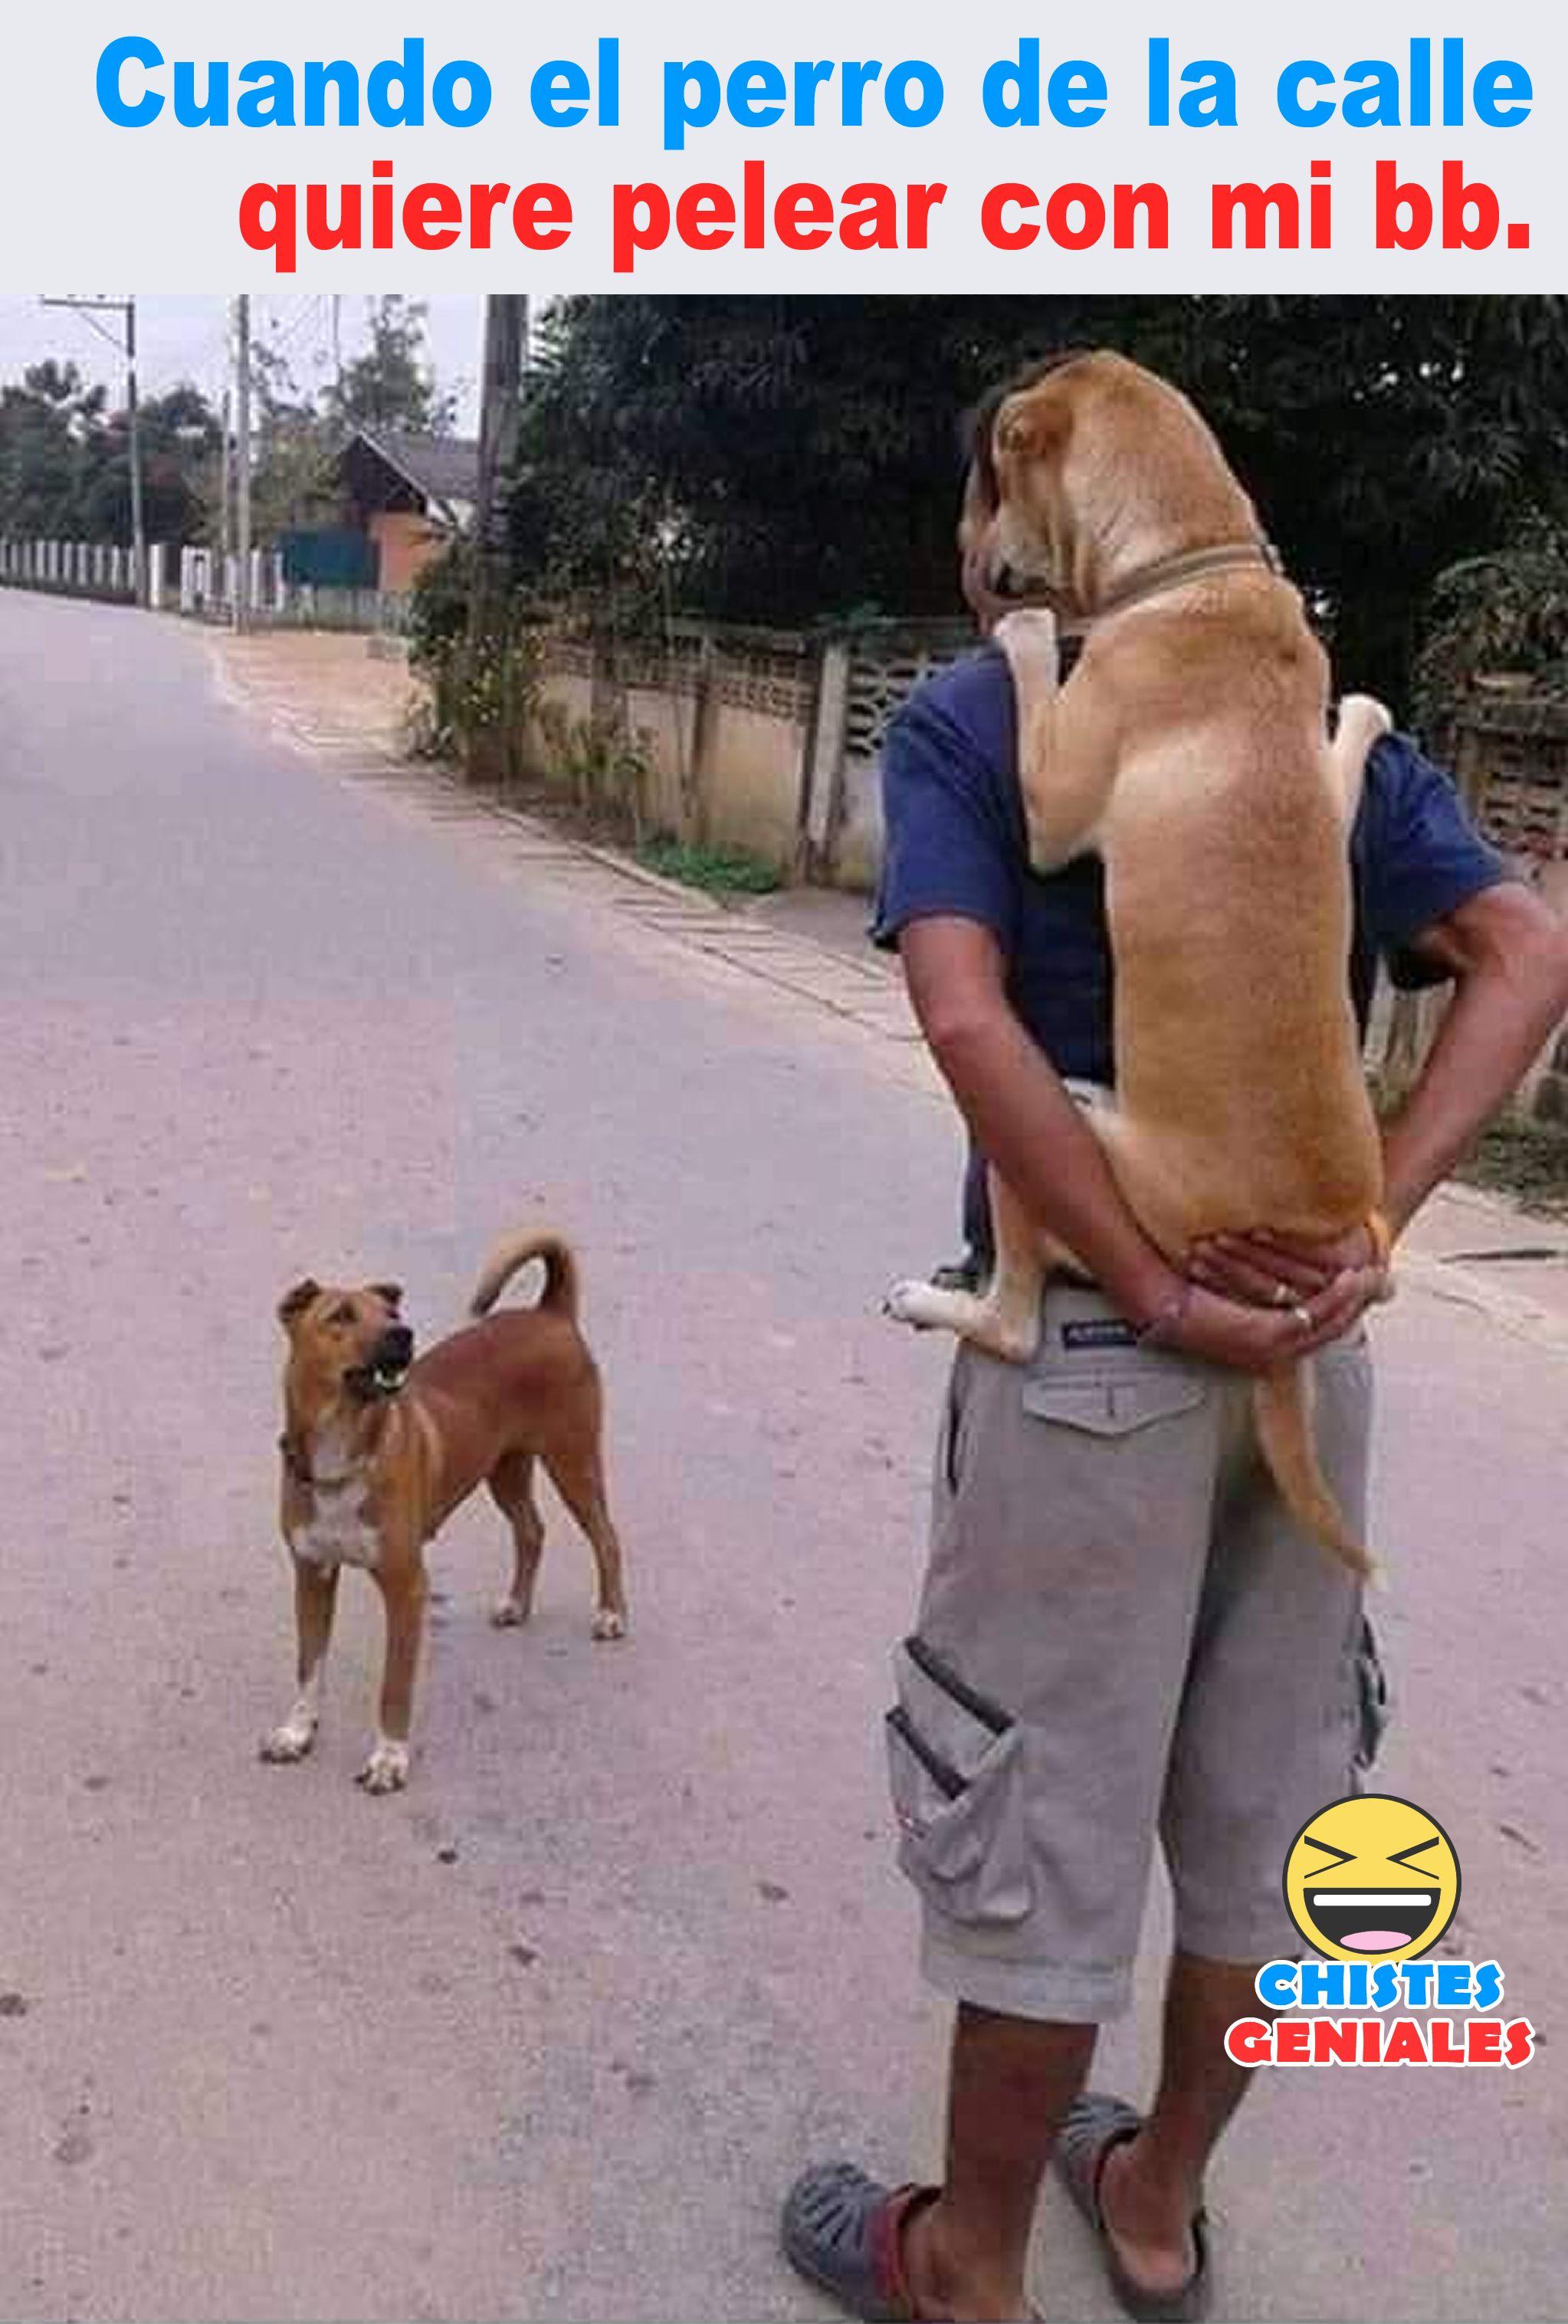 Cuando El Perro De La Calle Quiere Pelear Con Mi Bb Humor De Perros Perros De La Calle Imagenes De Perros Graciosos